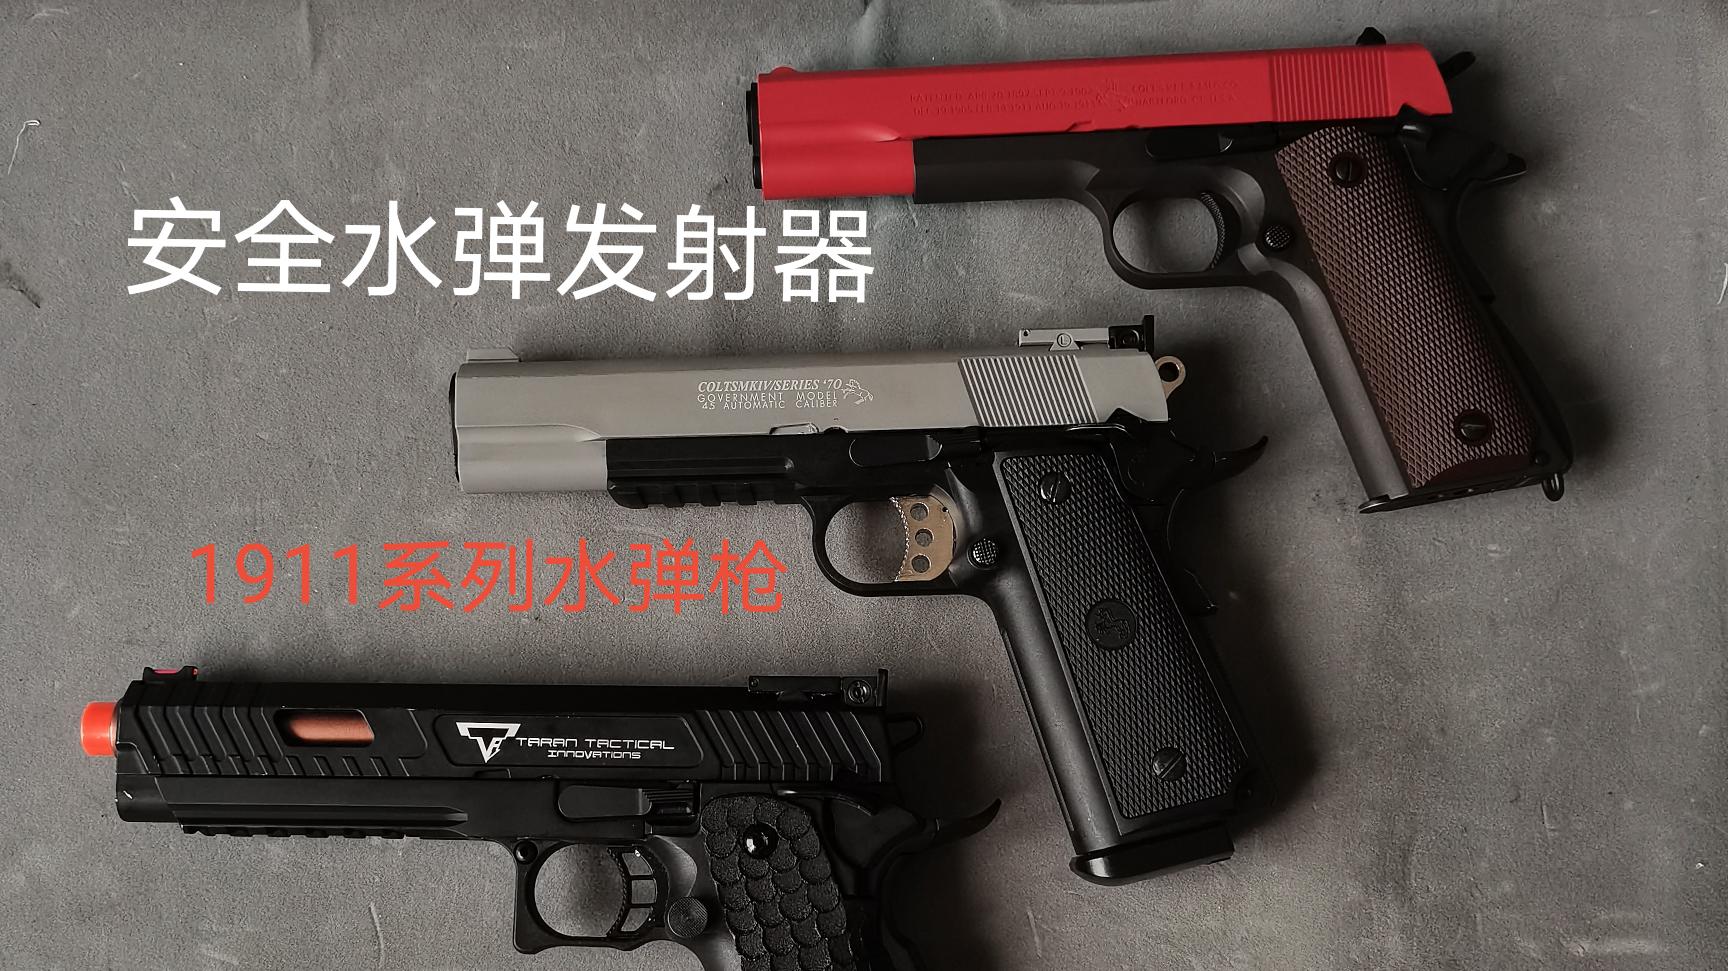 忽必烈p4 /mst2011 /m1水弹枪m1911系列简评及